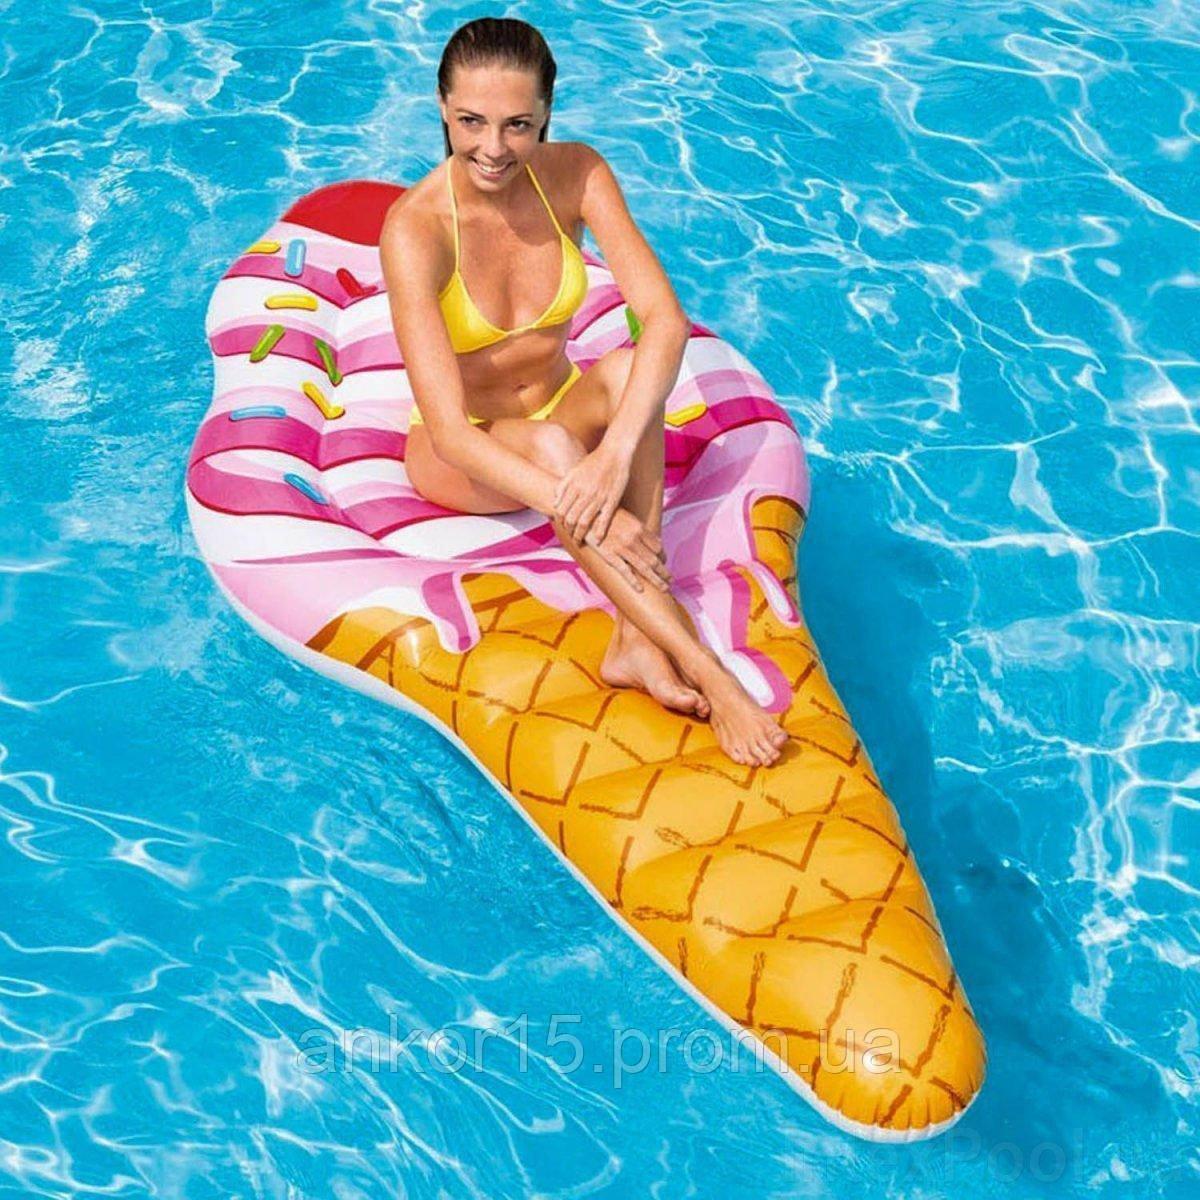 Надувной матрас - плот Intex 58762 EU Мороженое рожок